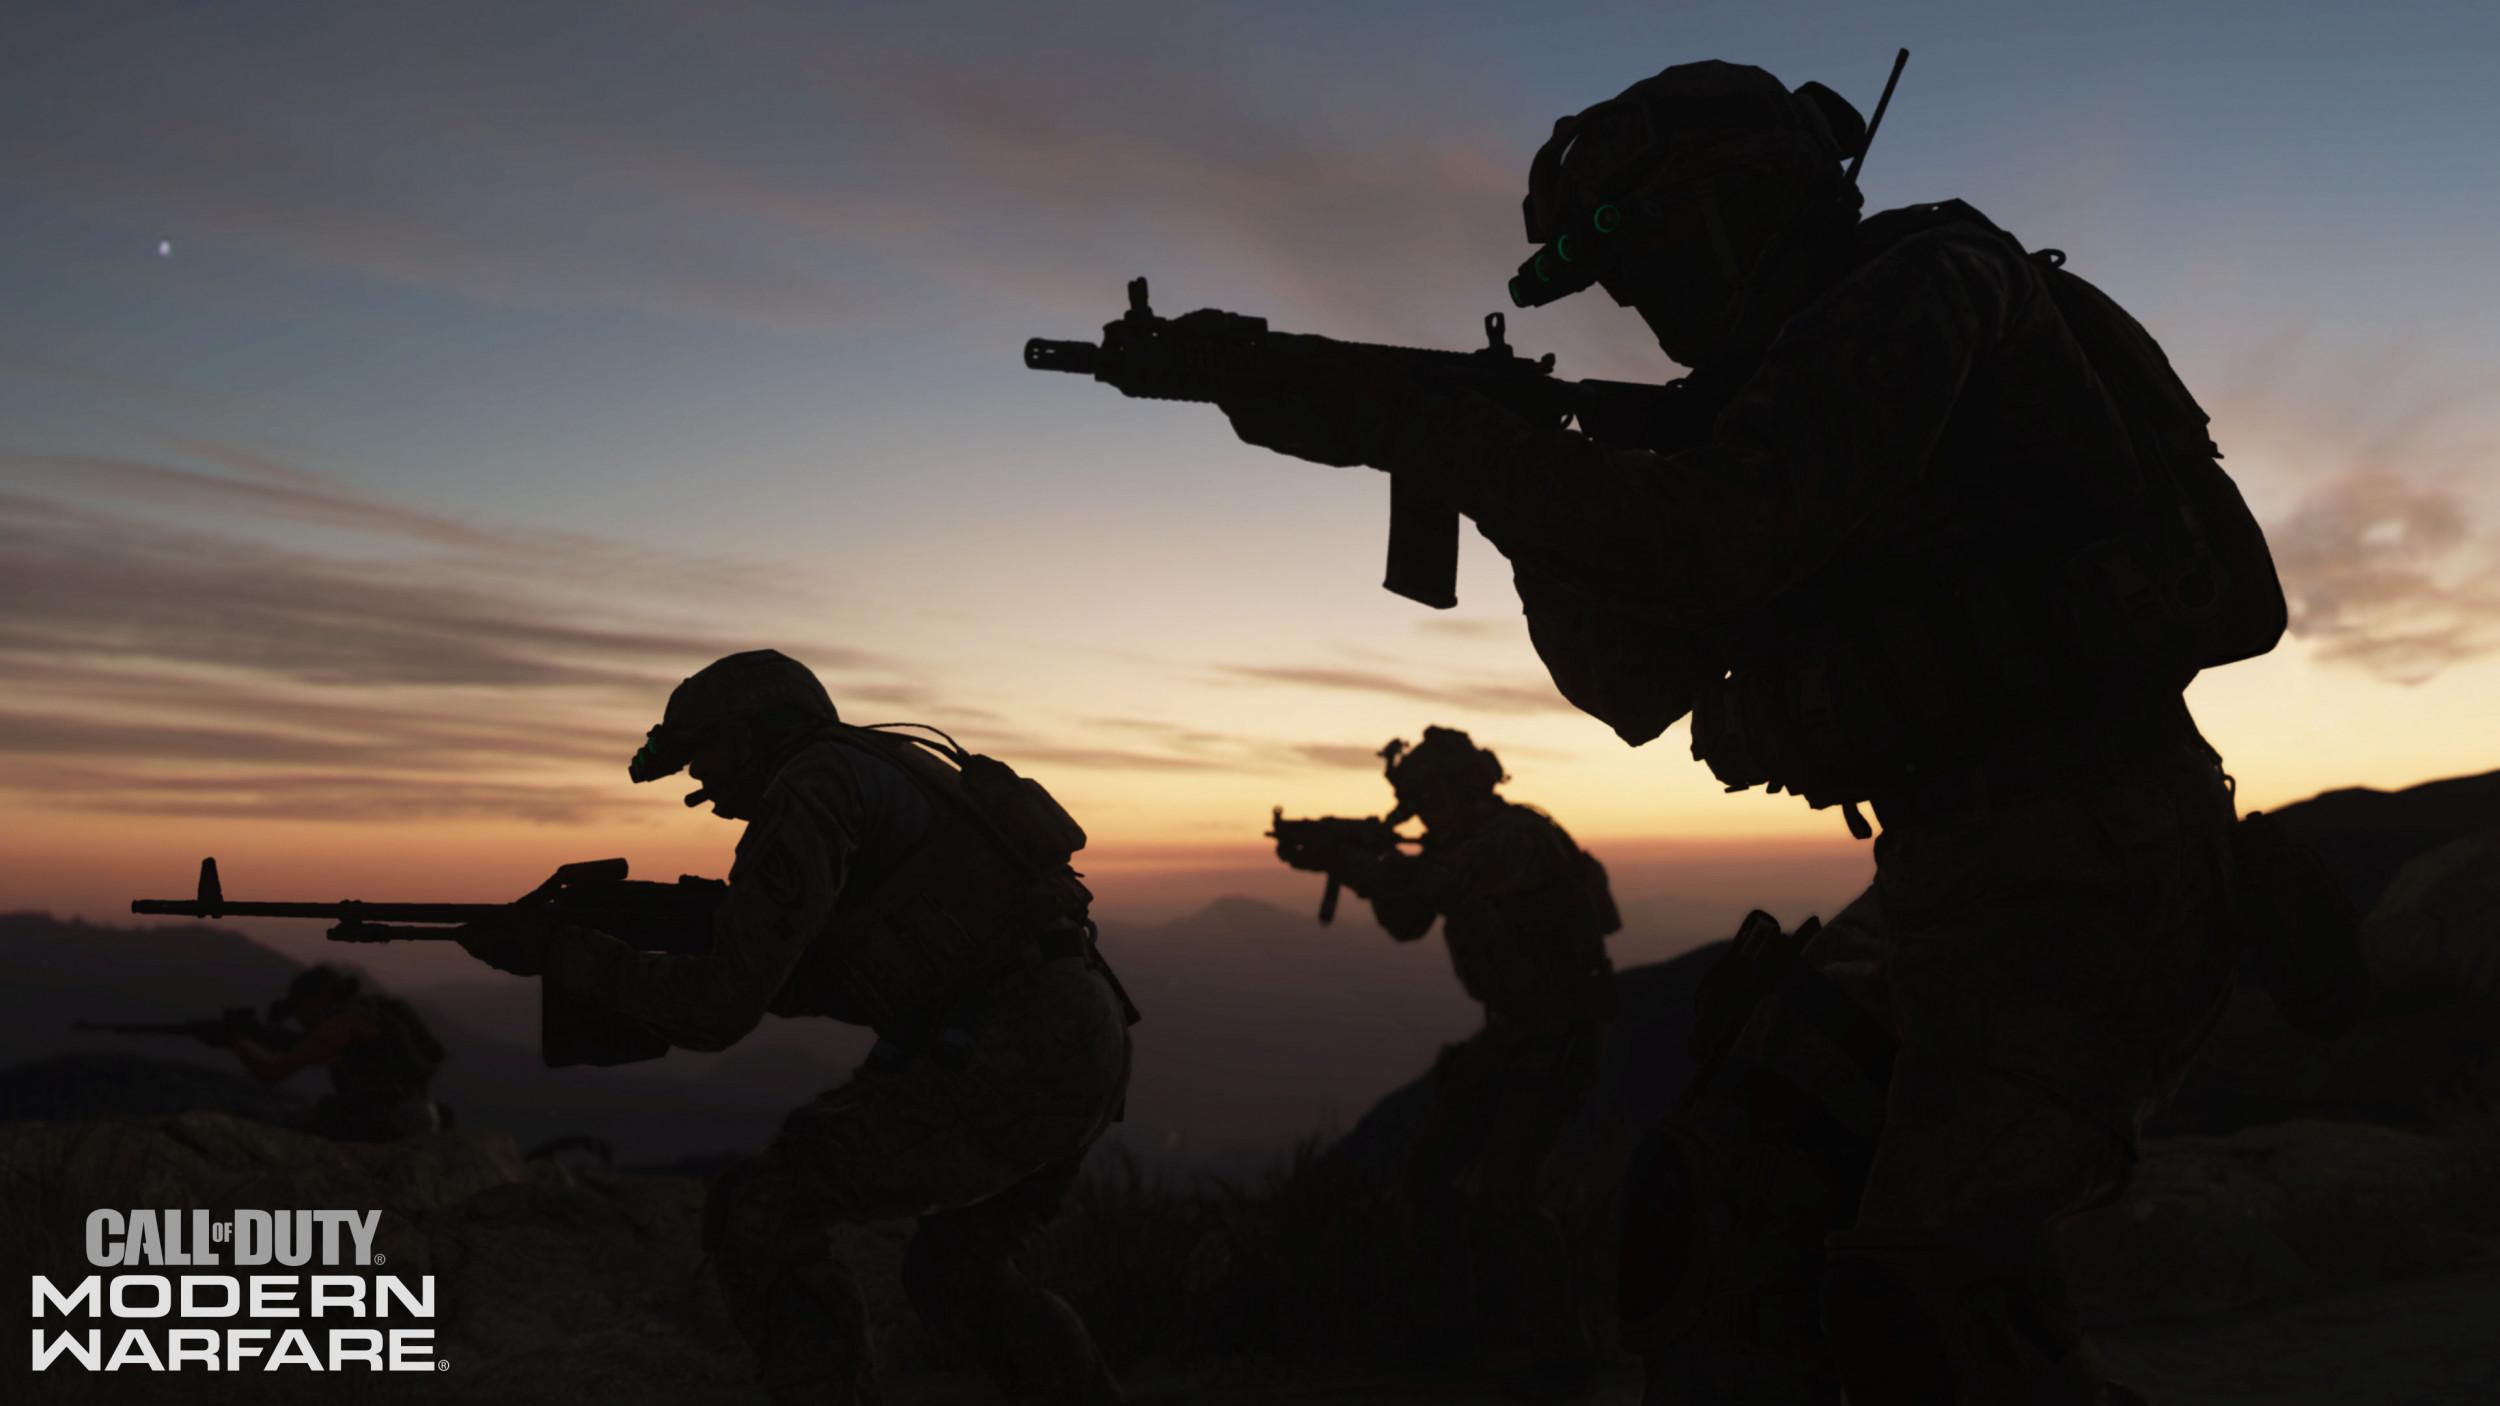 'Call of Duty: Modern Warfare' Season 2 Release - What ...